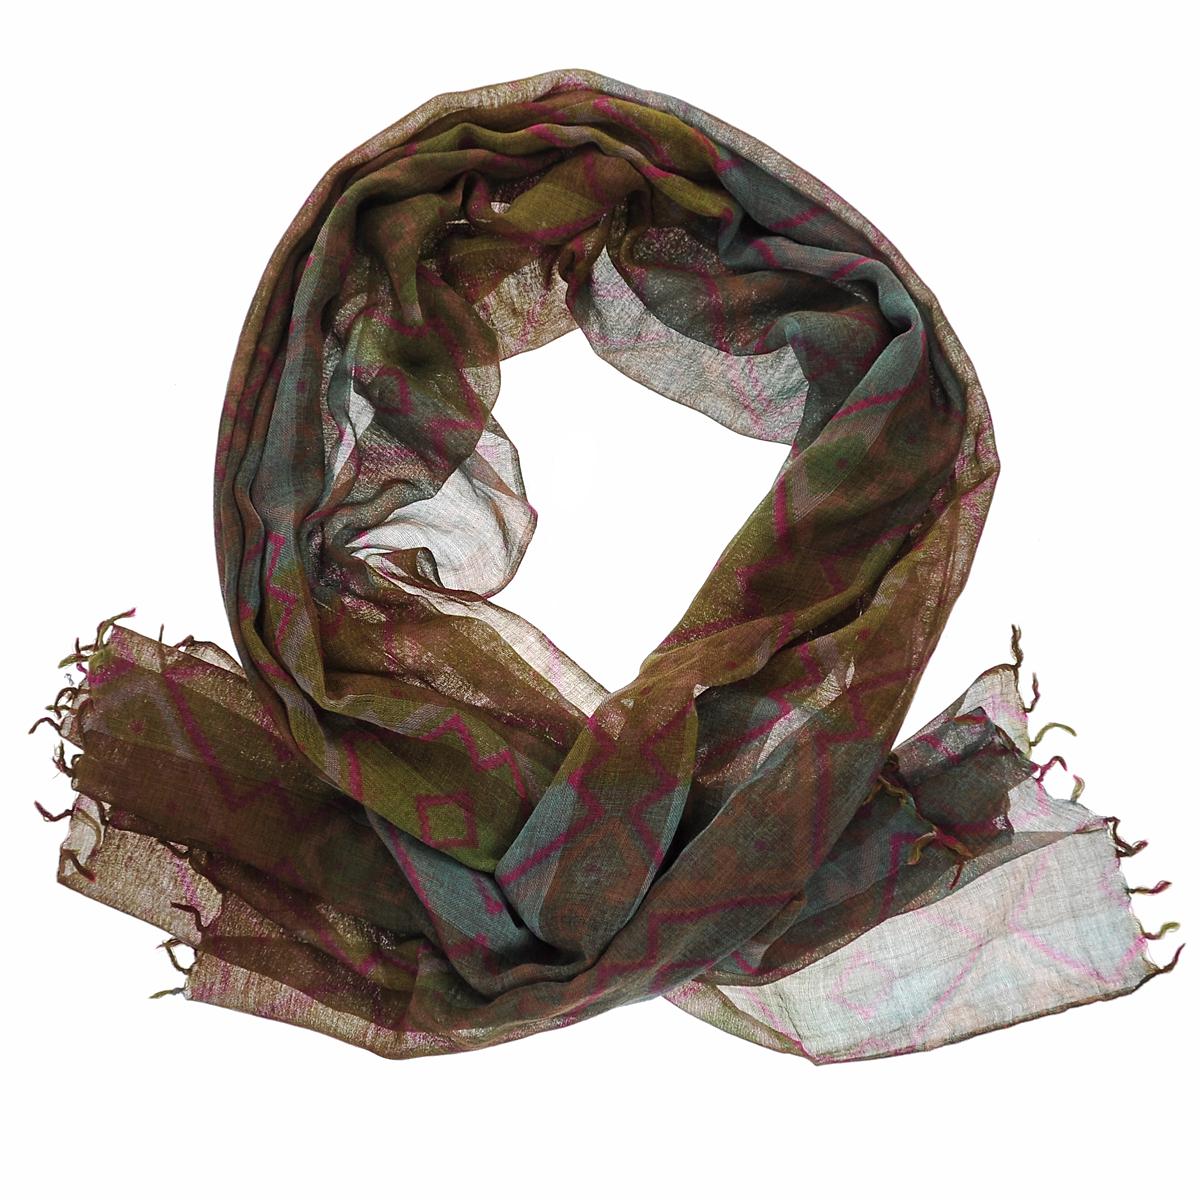 Палантин. ZW-BARFIZW-BARFI/BR.PEACHСтильный палантин Michel Katana согреет в холодное время года, а также станет изысканным аксессуаром, который призван подчеркнуть вашу индивидуальность и стиль. Палантин выполнен из шерсти и декорирован оригинальным орнаментом. По краям изделие оформлено кистями.